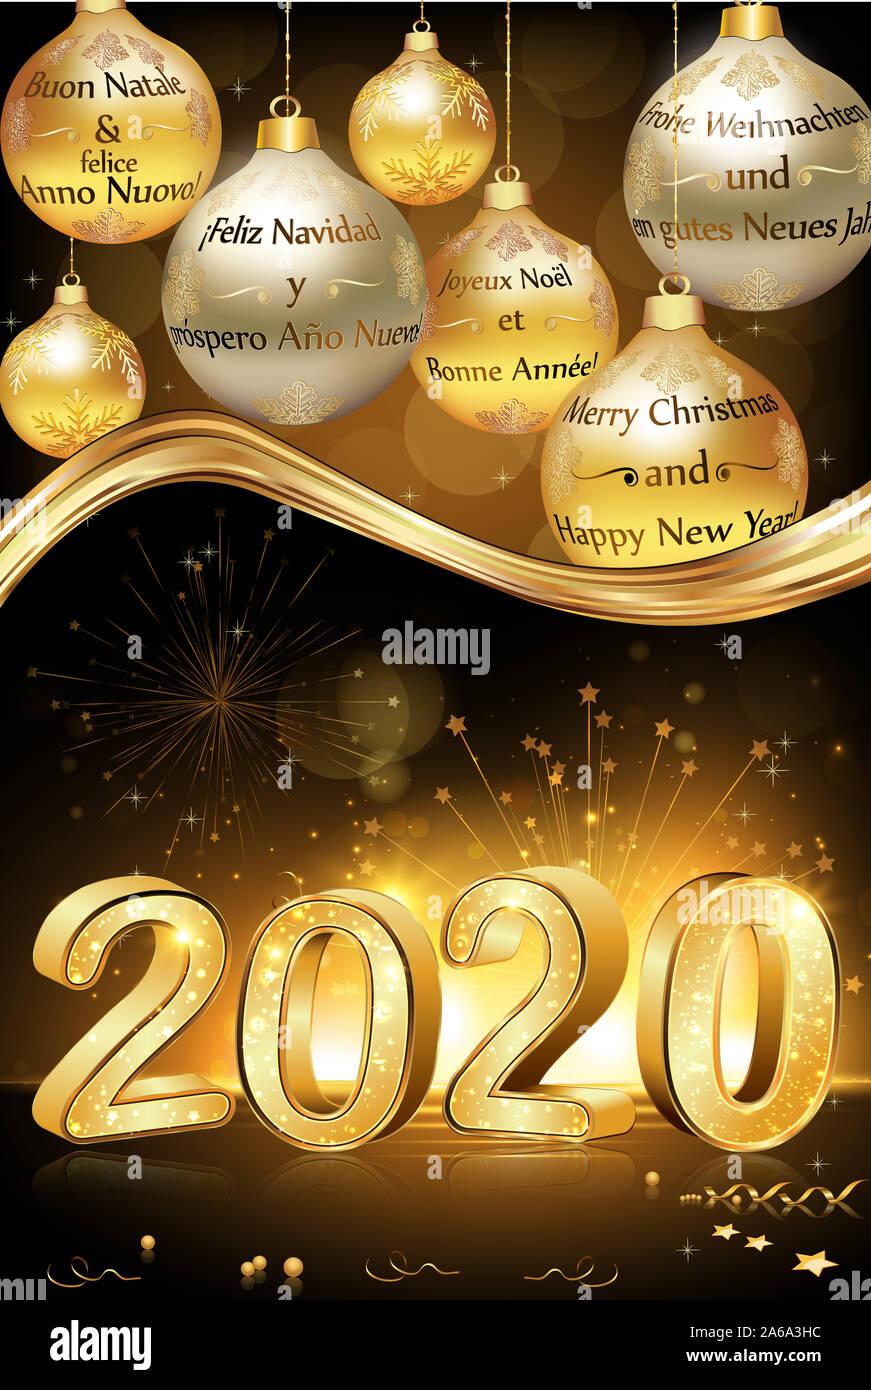 joyeux no l et bonne ann e 2020 crit en plusieurs langues. Black Bedroom Furniture Sets. Home Design Ideas